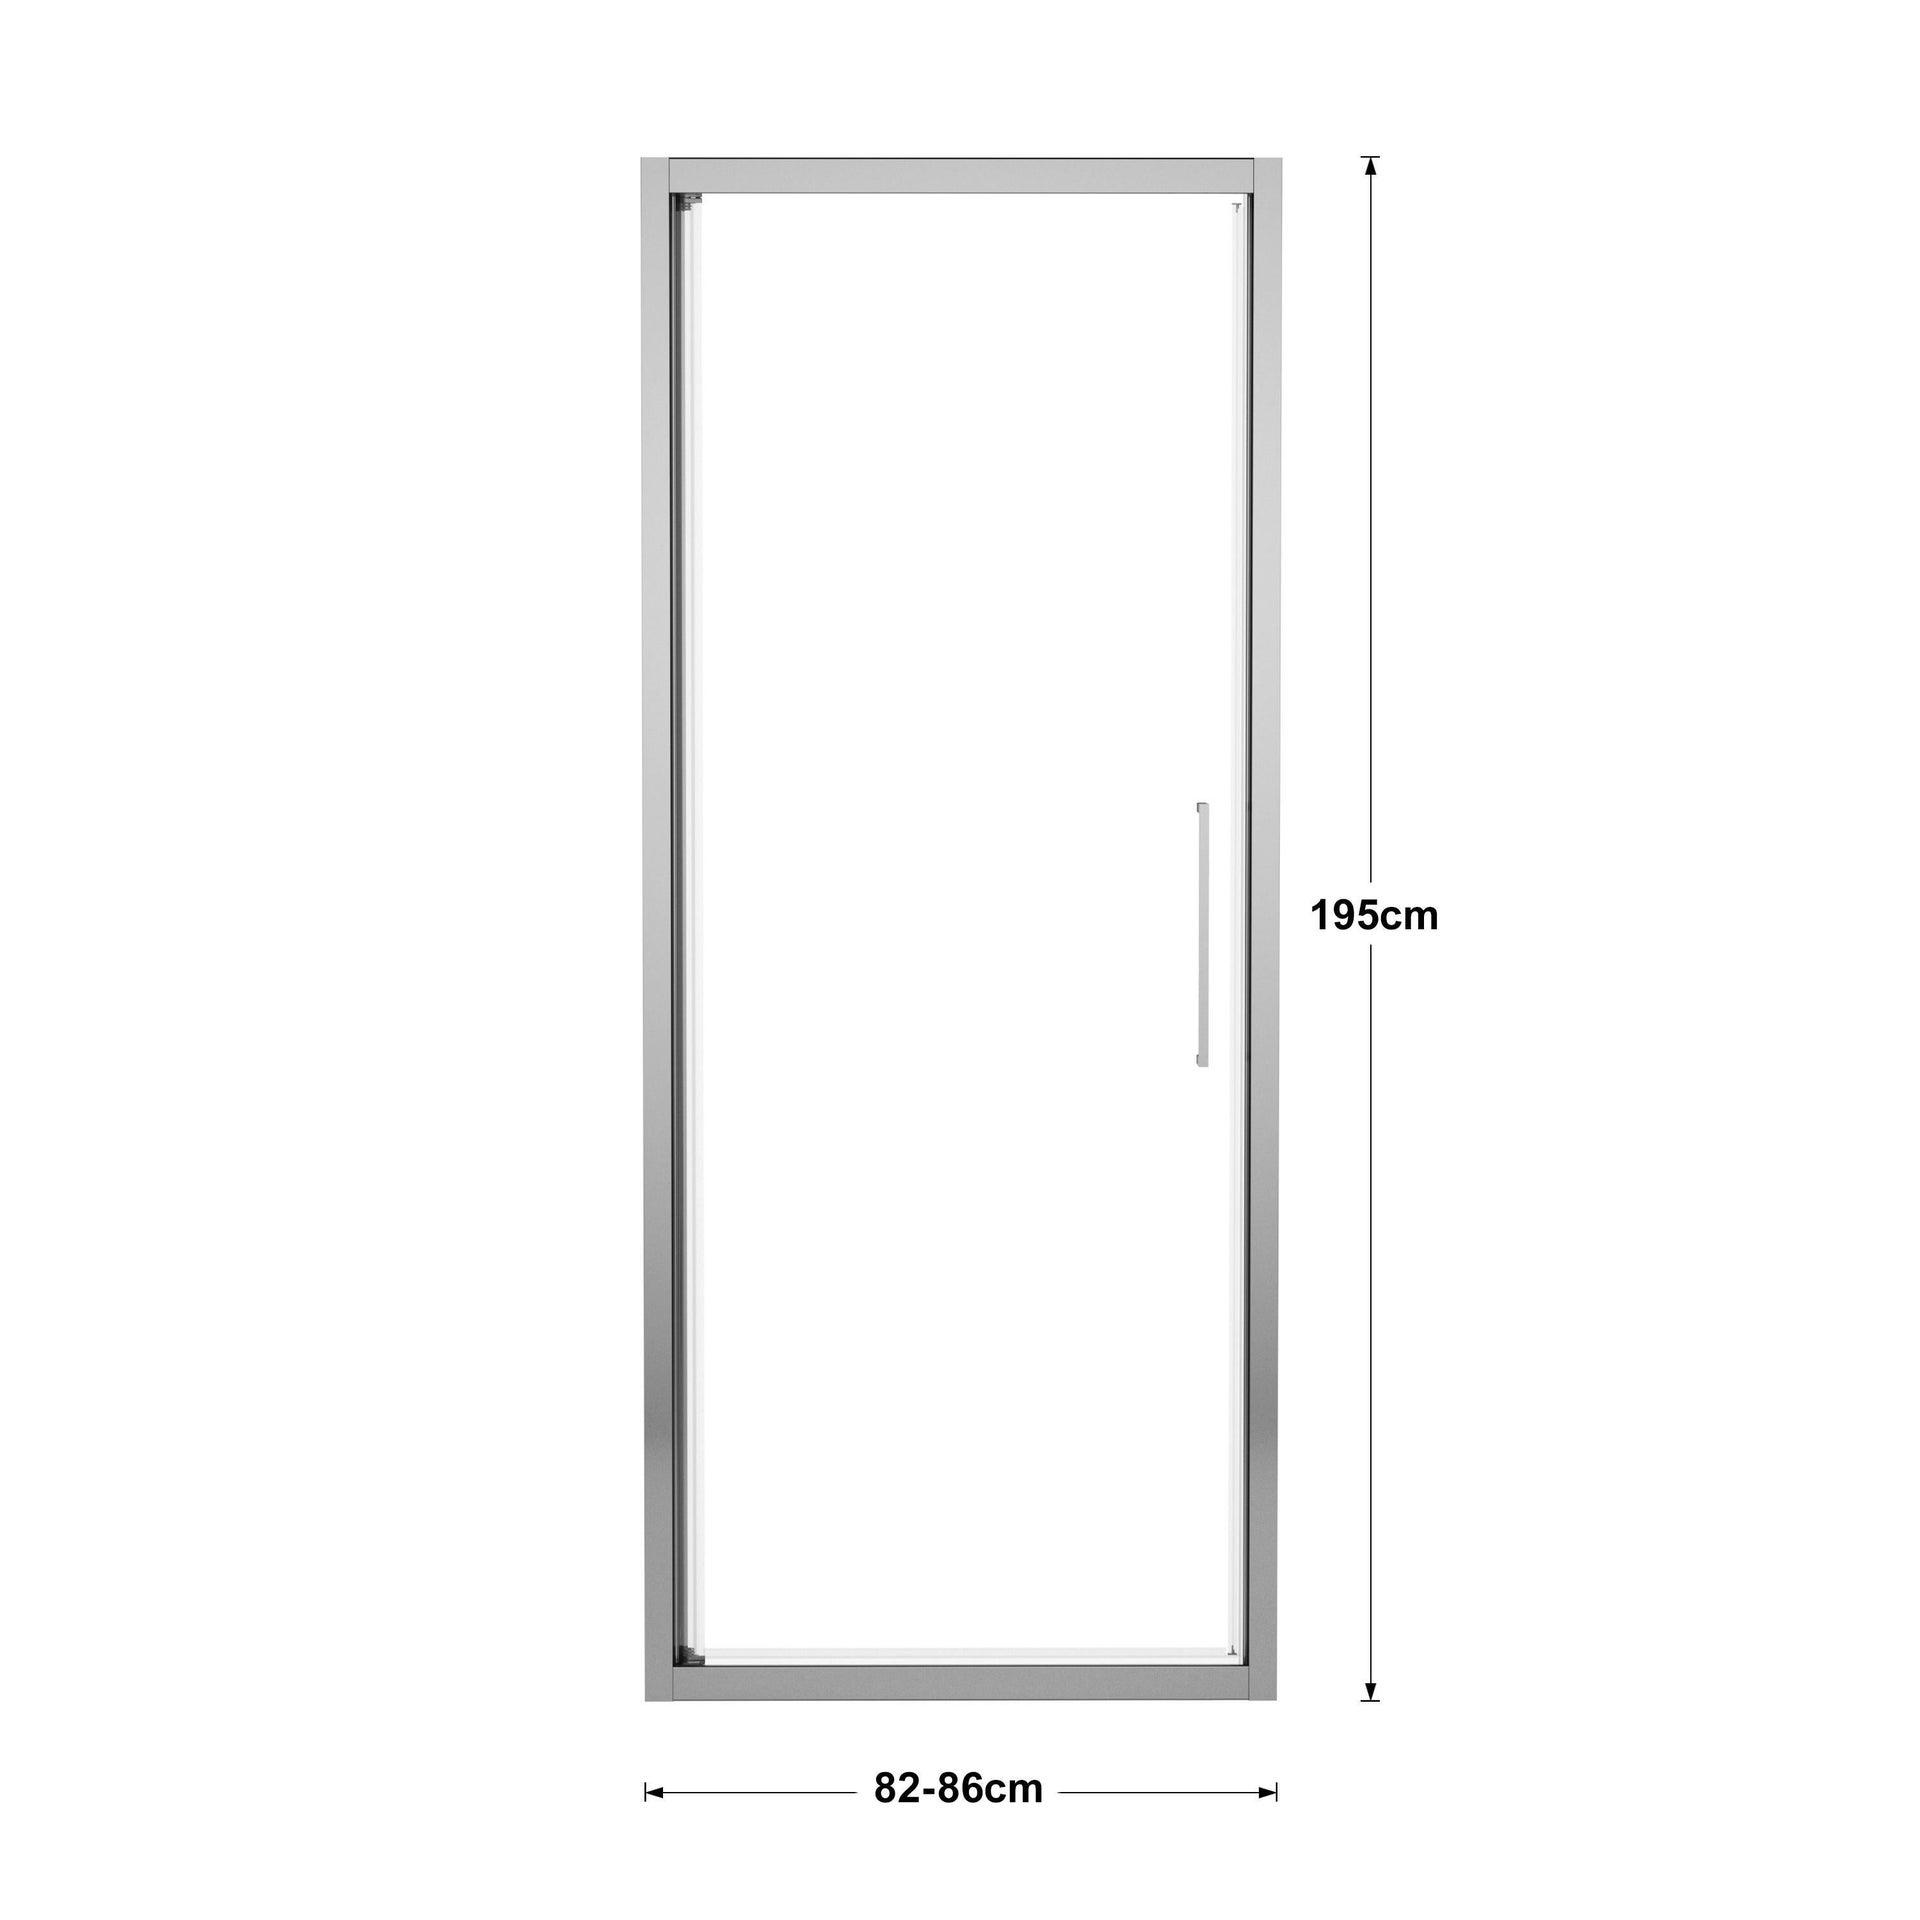 Porta doccia battente Record 82 cm, H 195 cm in vetro temprato, spessore 6 mm trasparente silver - 4